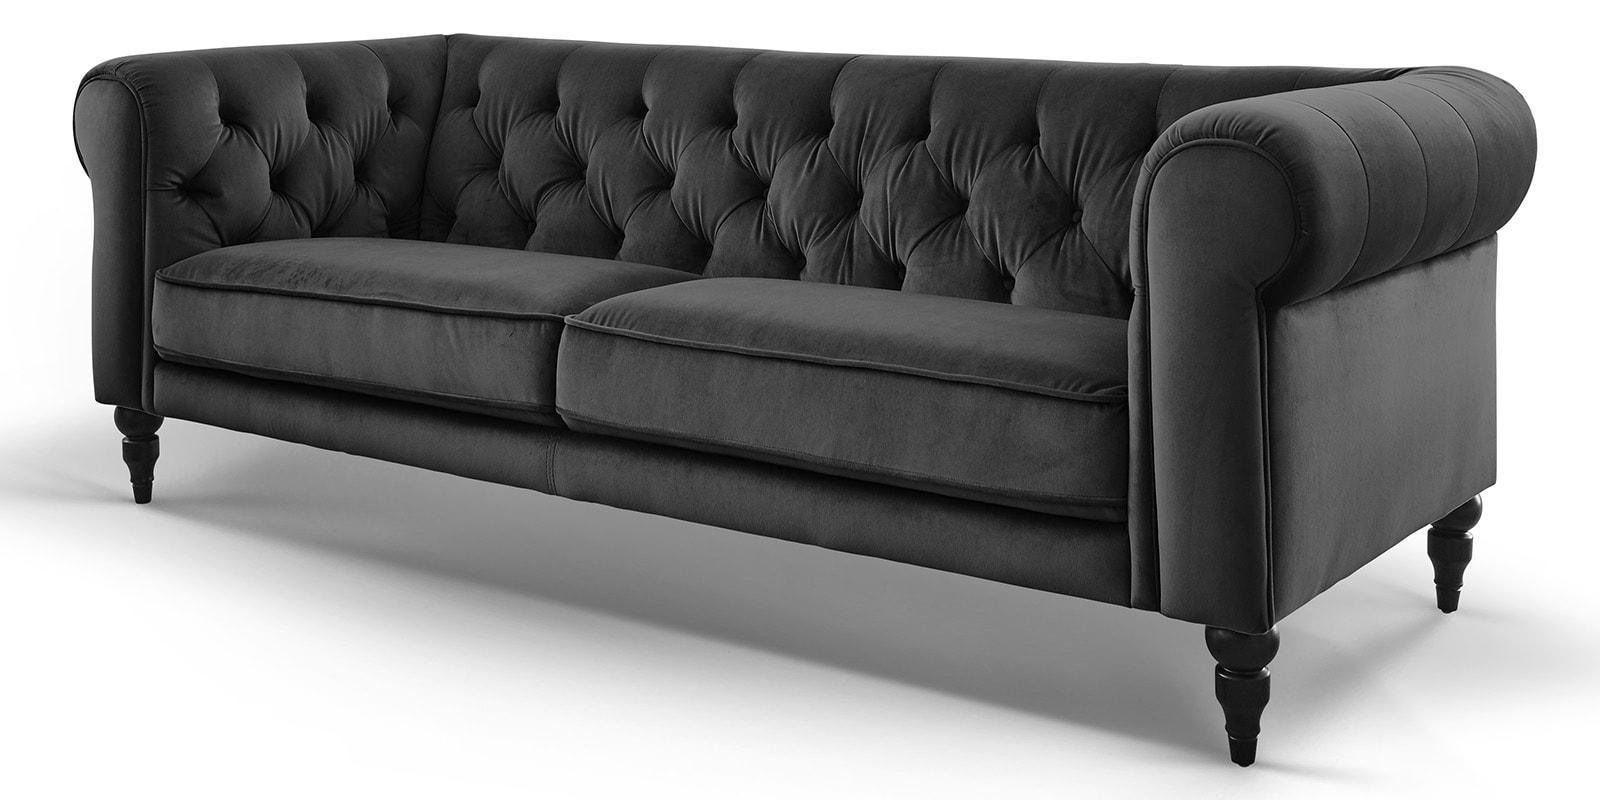 Full Size of 3 Sitzer Chesterfield Samt Hudson Sofa Garnitur Modernes Mit Elektrischer Sitztiefenverstellung 2 Teilig Ausziehbar Stoff Grau Big Günstig Schillig Landhaus Sofa Sofa Samt